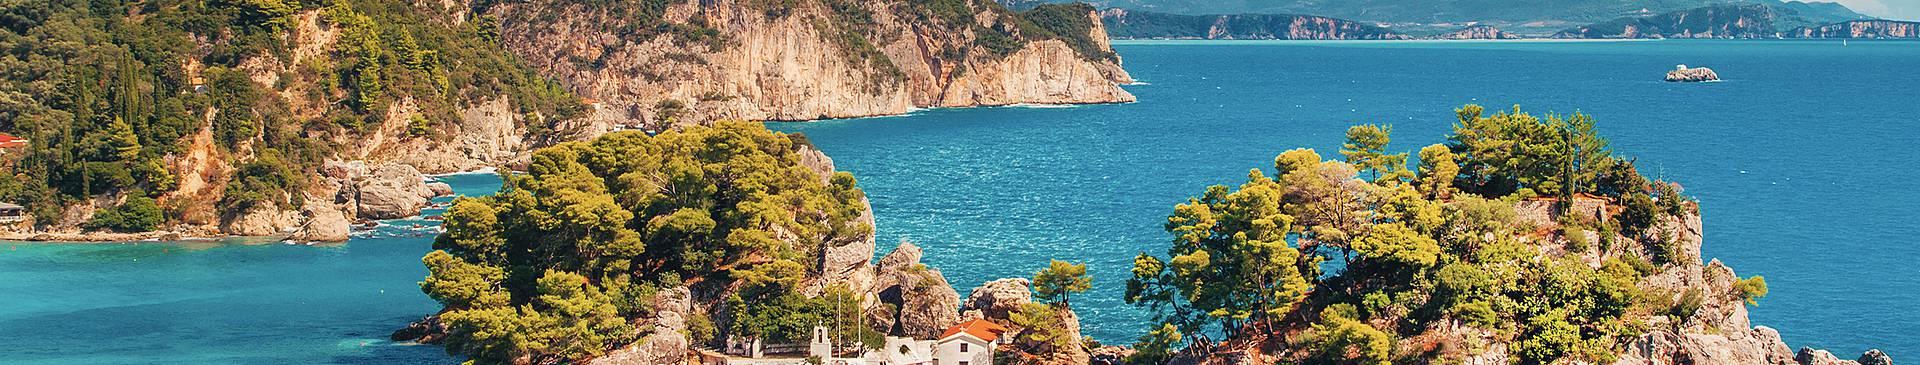 Insel Griechenland Reisen